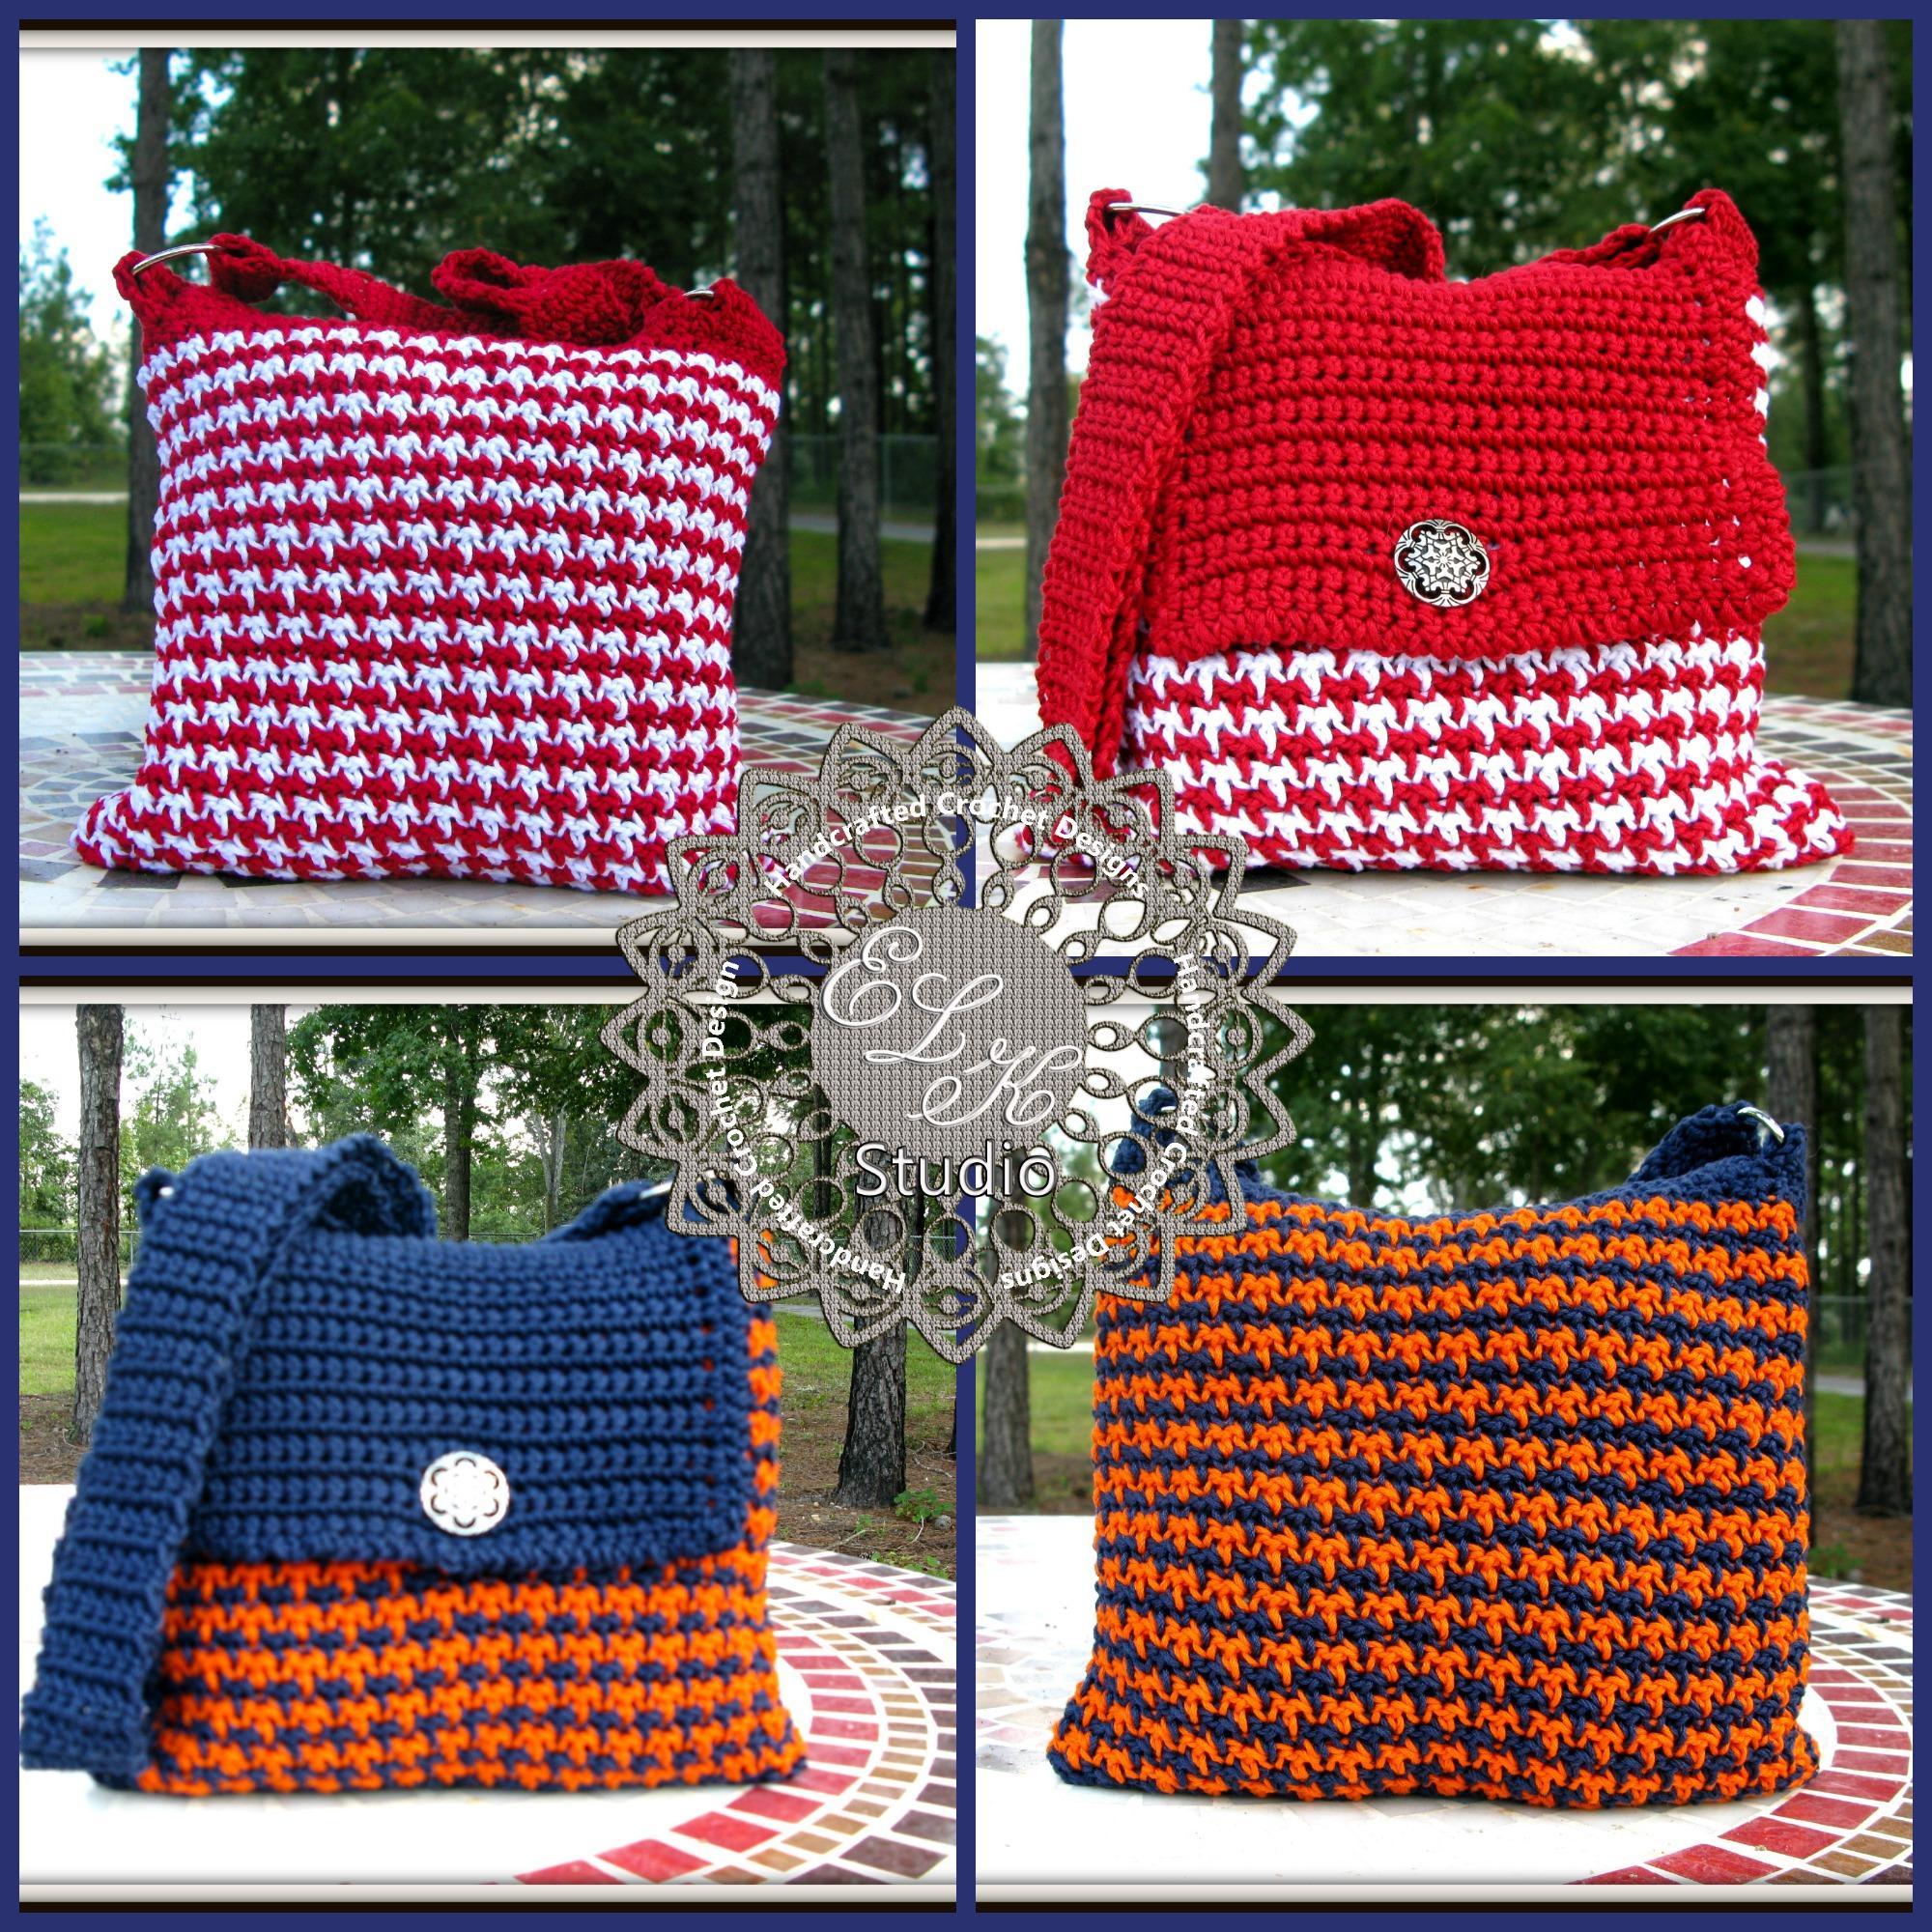 Auburn vs alabama crochet style elk studio handcrafted auburn vs alabama crochet style elk studio handcrafted crochet designs bankloansurffo Images